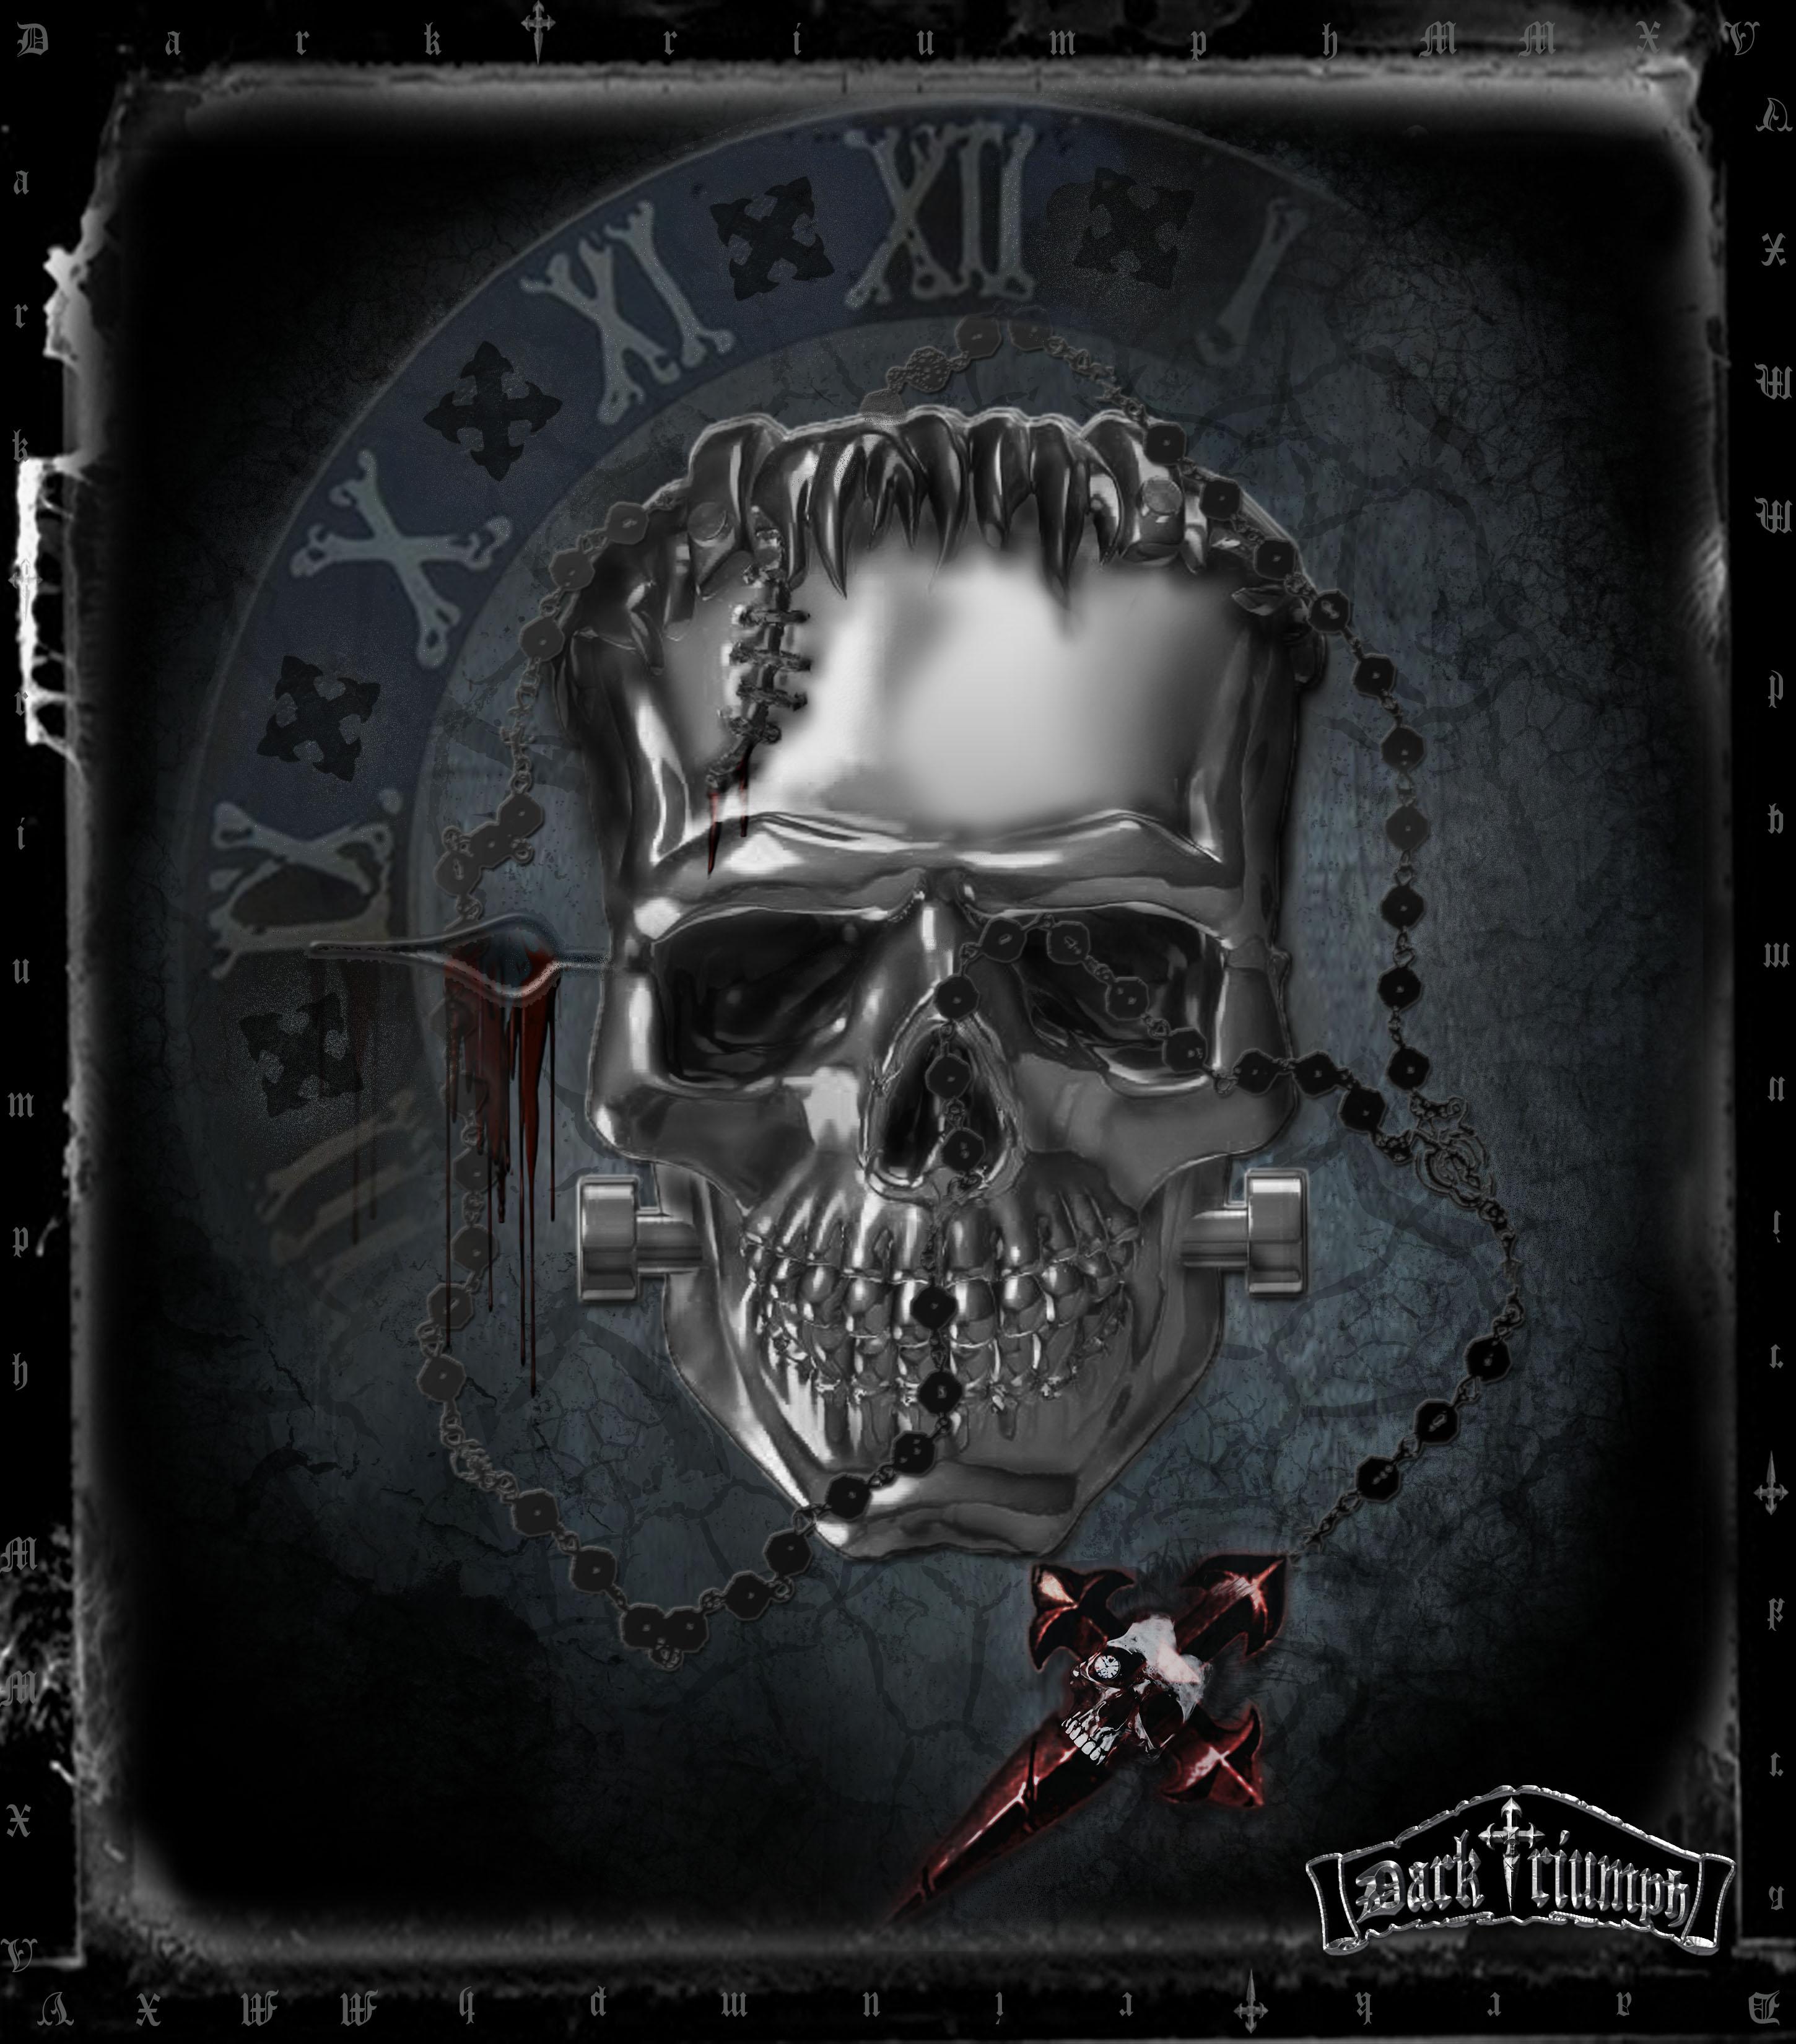 dark-triumph-franken-skull-rosary-silver-skull-relic-tee.jpg